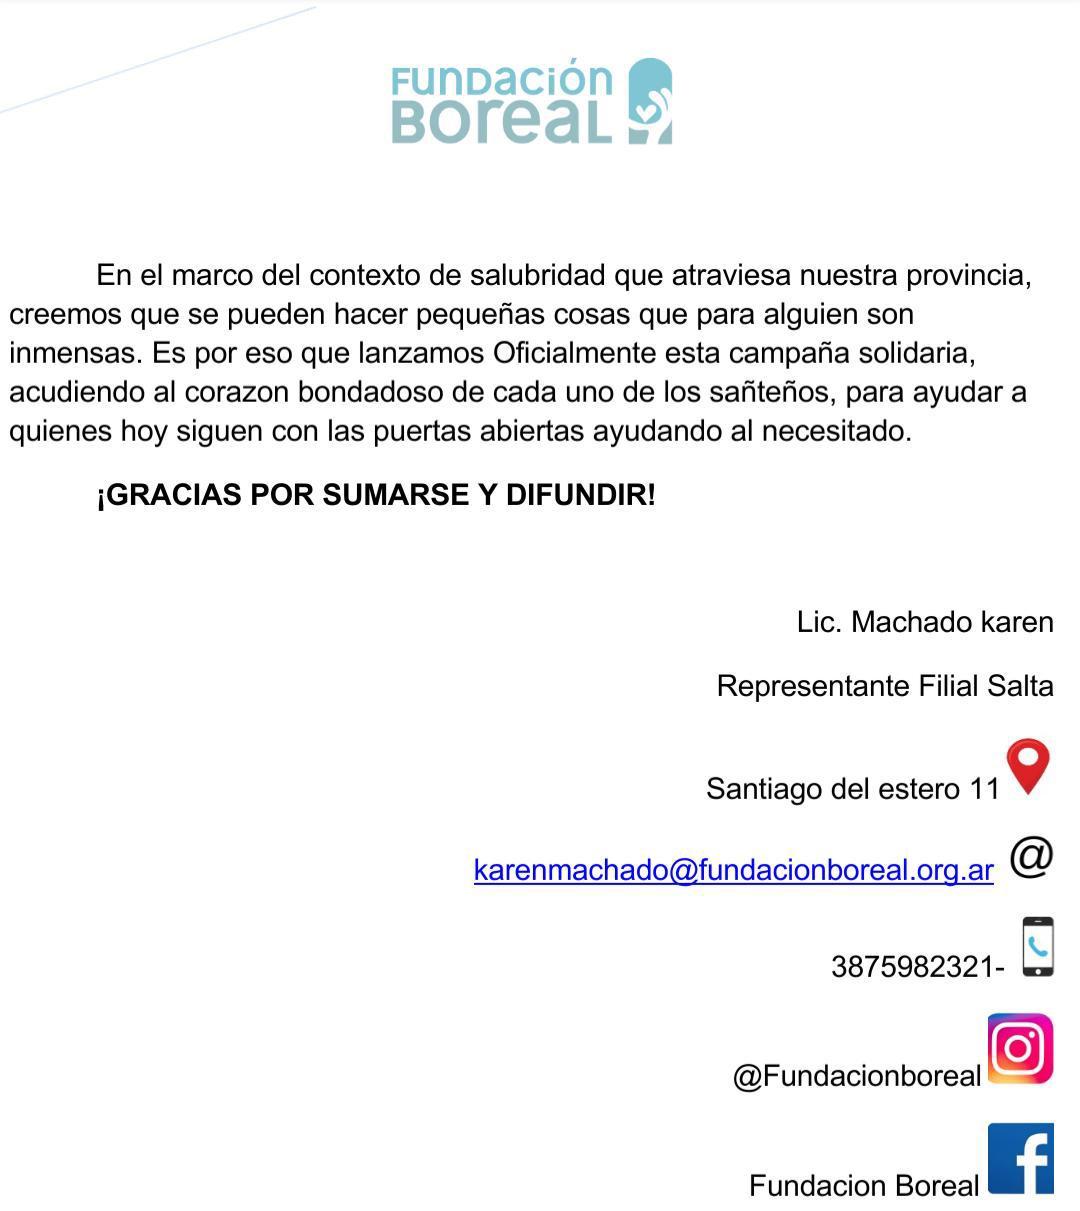 Fundación Boreal inició una #campaña solidaria a beneficio de comedores y merenderos